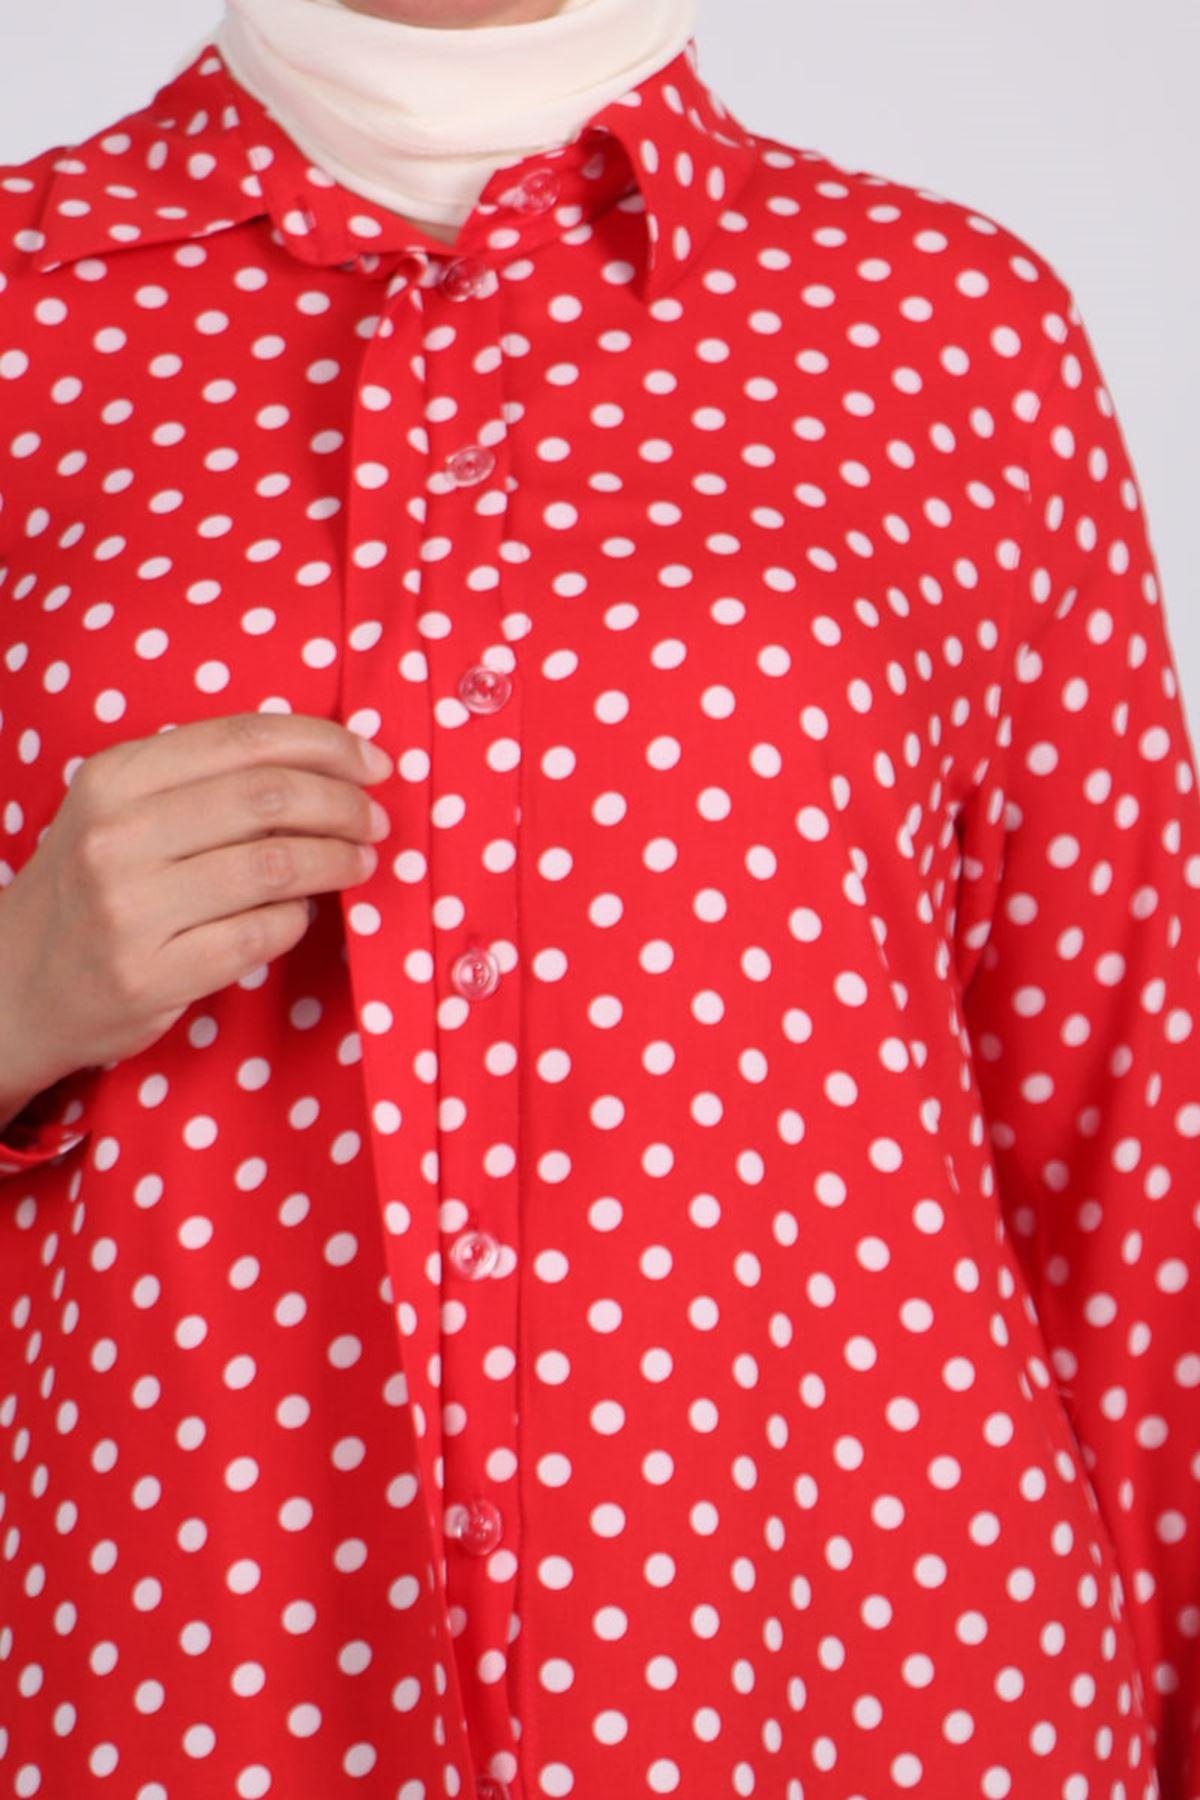 8471 Büyük Beden Viskon Gömlek - Kırmızı-Beyaz Puanlı